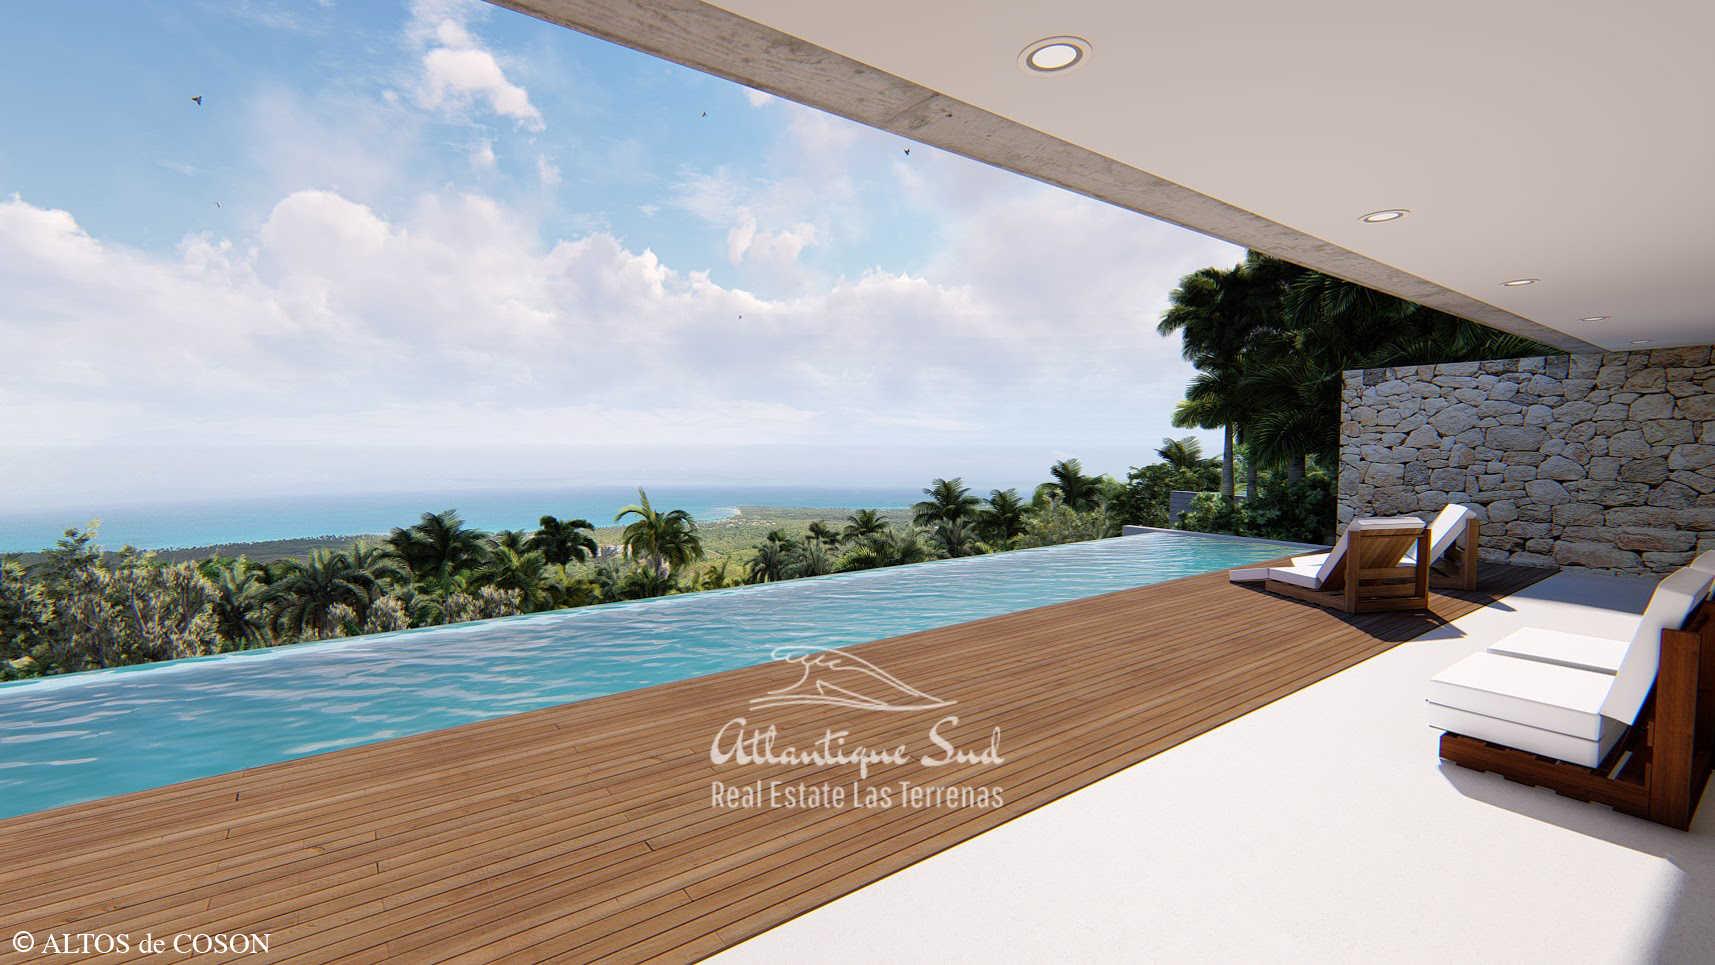 Lots with villas to build in Coson las terrenas5.jpg